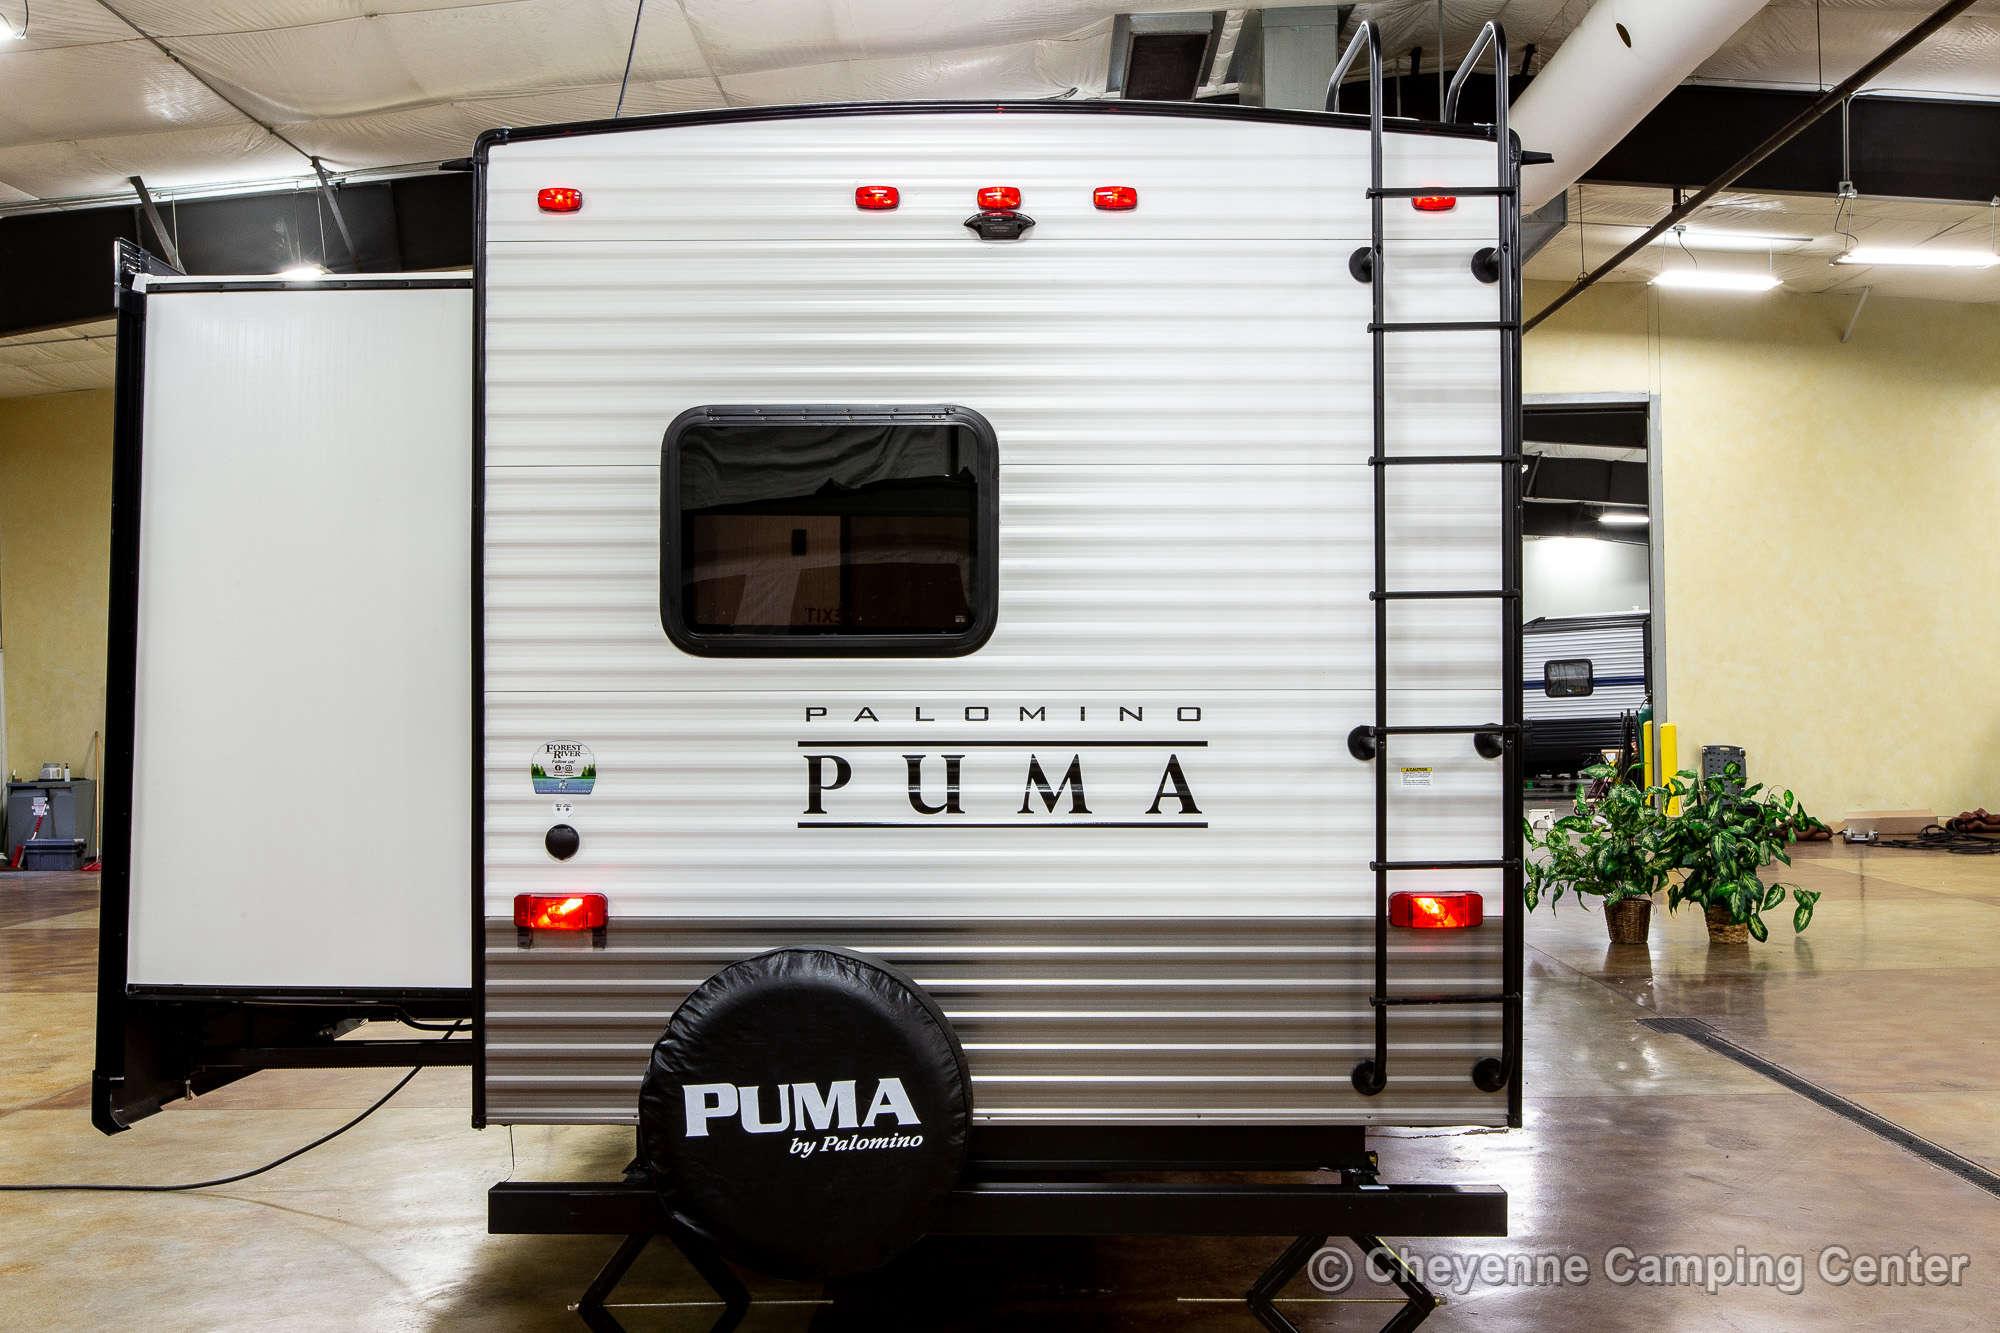 2022 Palomino Puma 32RBFQ Bunkhouse Travel Trailer Exterior Image